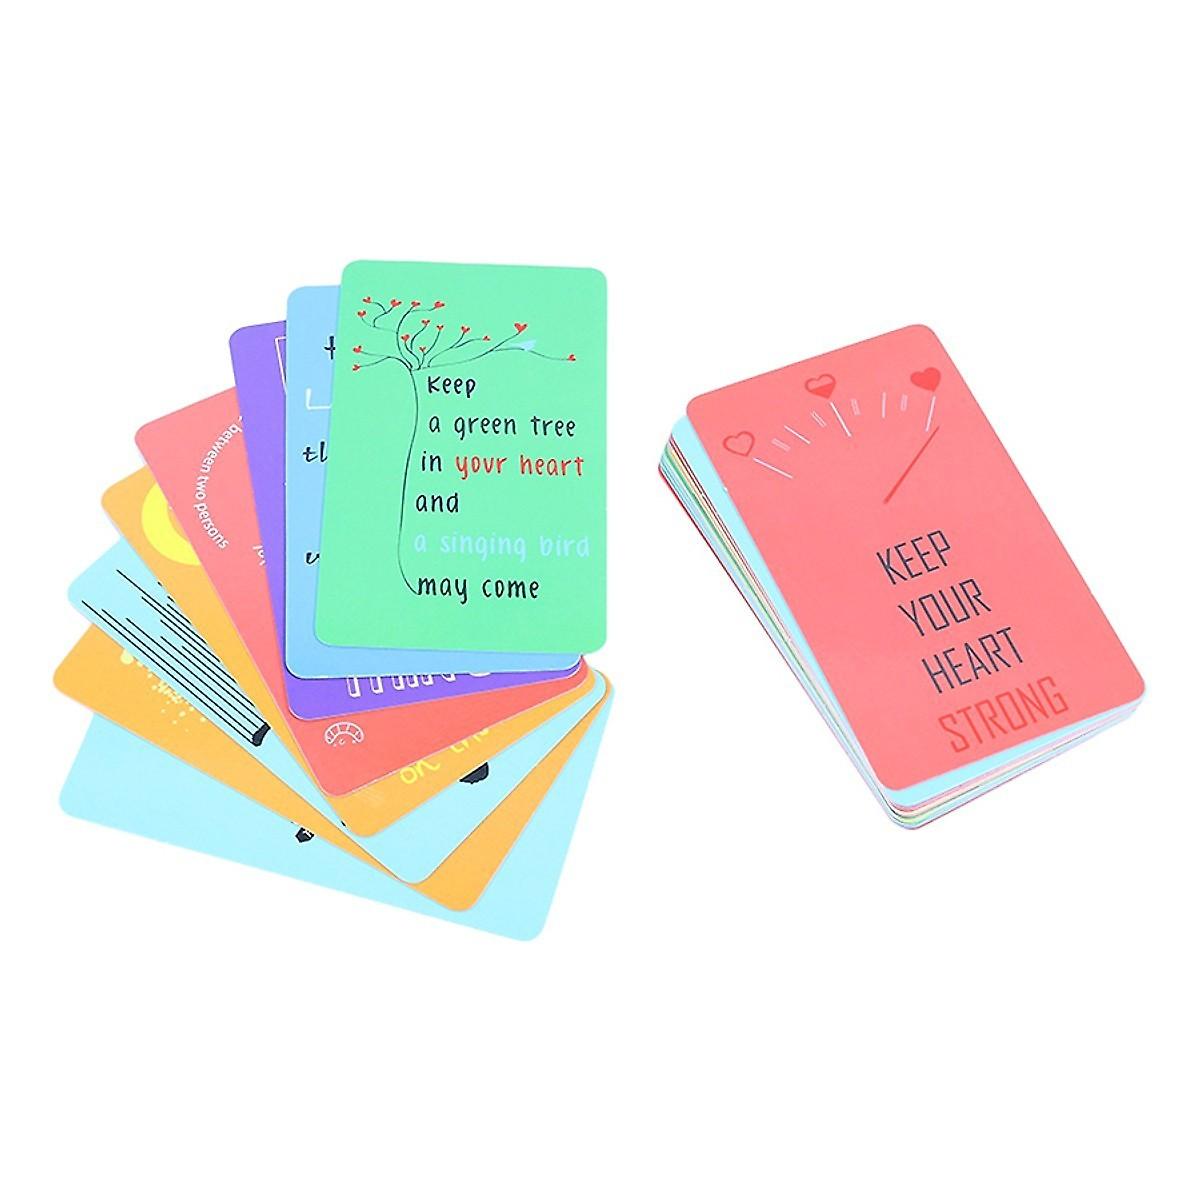 Combo Giáo Trình Hán Ngữ (Bộ Sách Tạo Nền Tảng Cho Người Việt Học Tiếng Trung): Giáo Trình Hán Ngữ Tập 3 + Giáo Trình Hán Ngữ Tập 4 (Học Bằng App McBooks) - Trọn Bộ 2 Cuốn/ Tặng Kèm Bookmark GreenLife